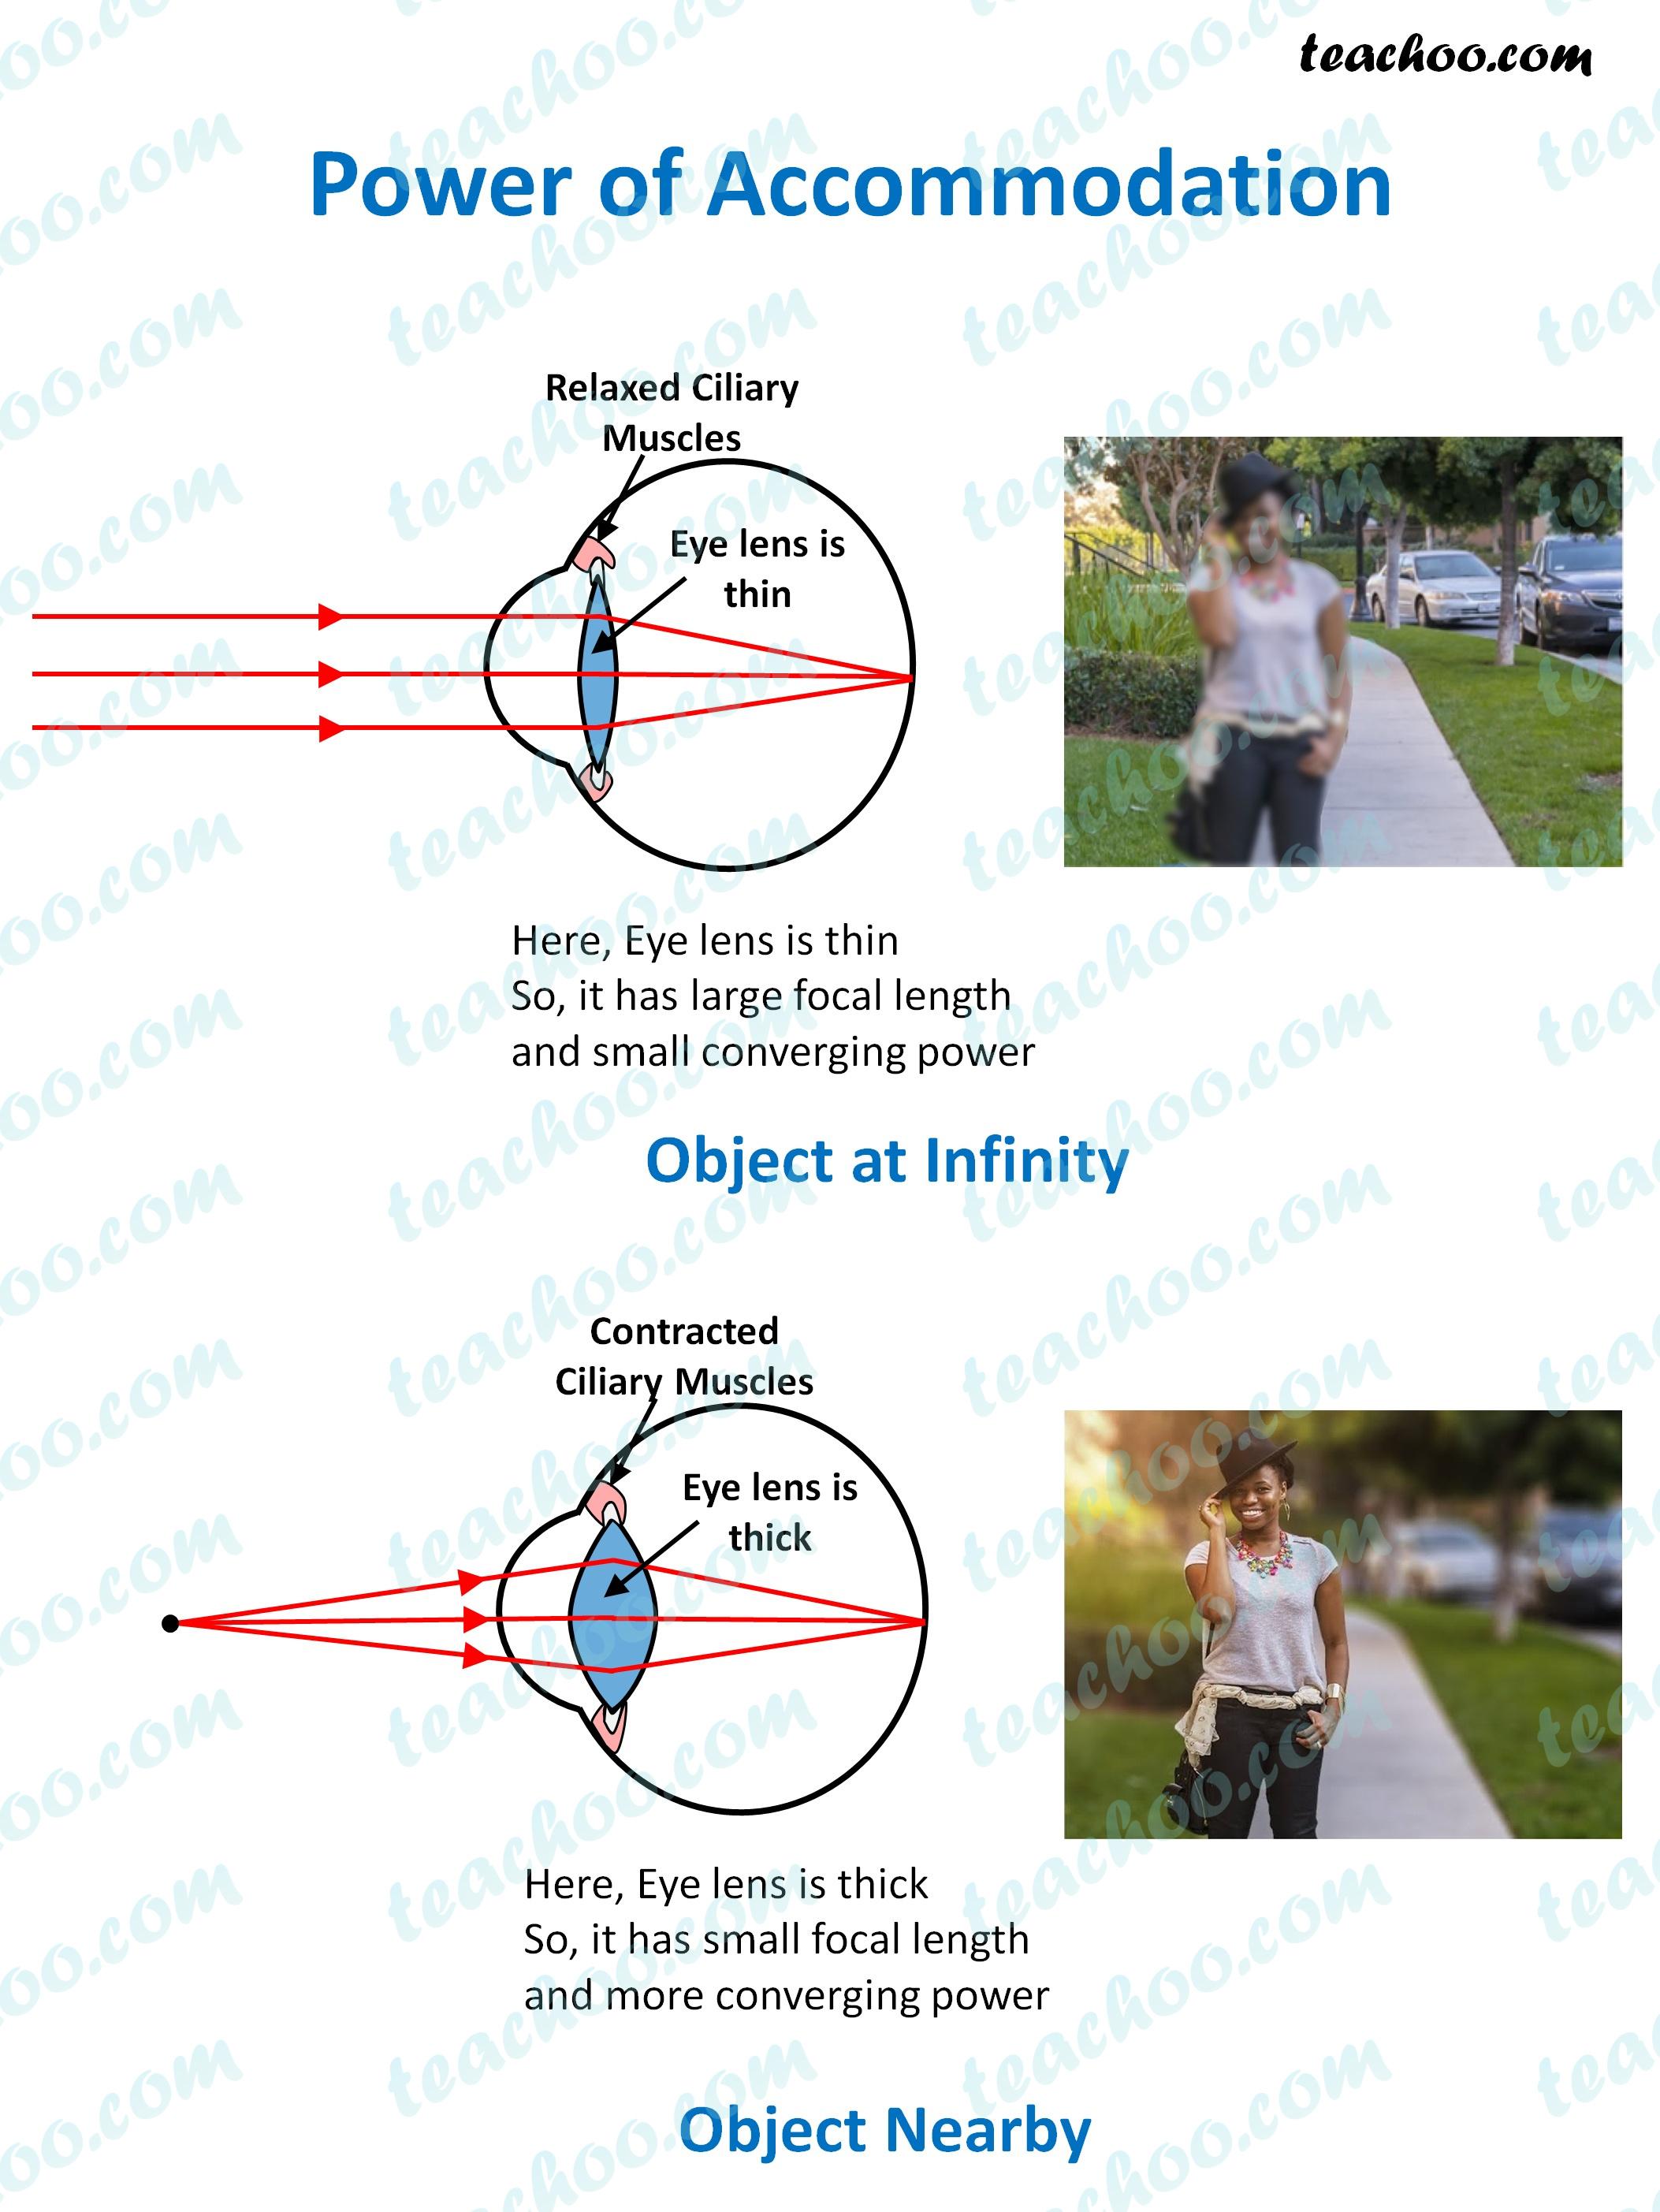 power-of-accomodation---of-near-and-far-objects---teachoo.jpg